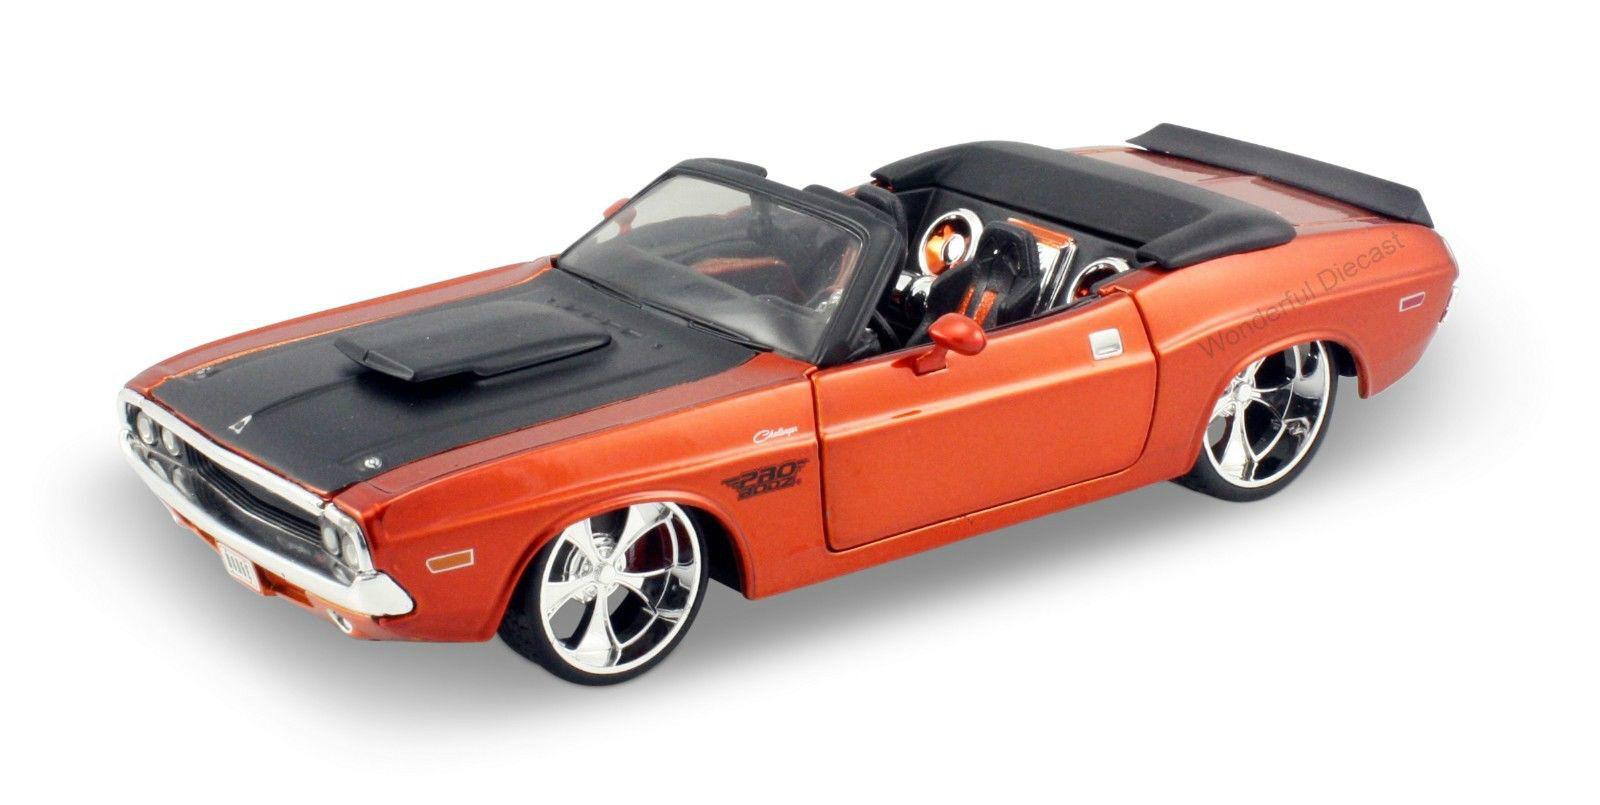 Maisto 1 24 1970 Dodge Challenger R  T tärningskast modellllerler Sports tävlings Bil Fordon